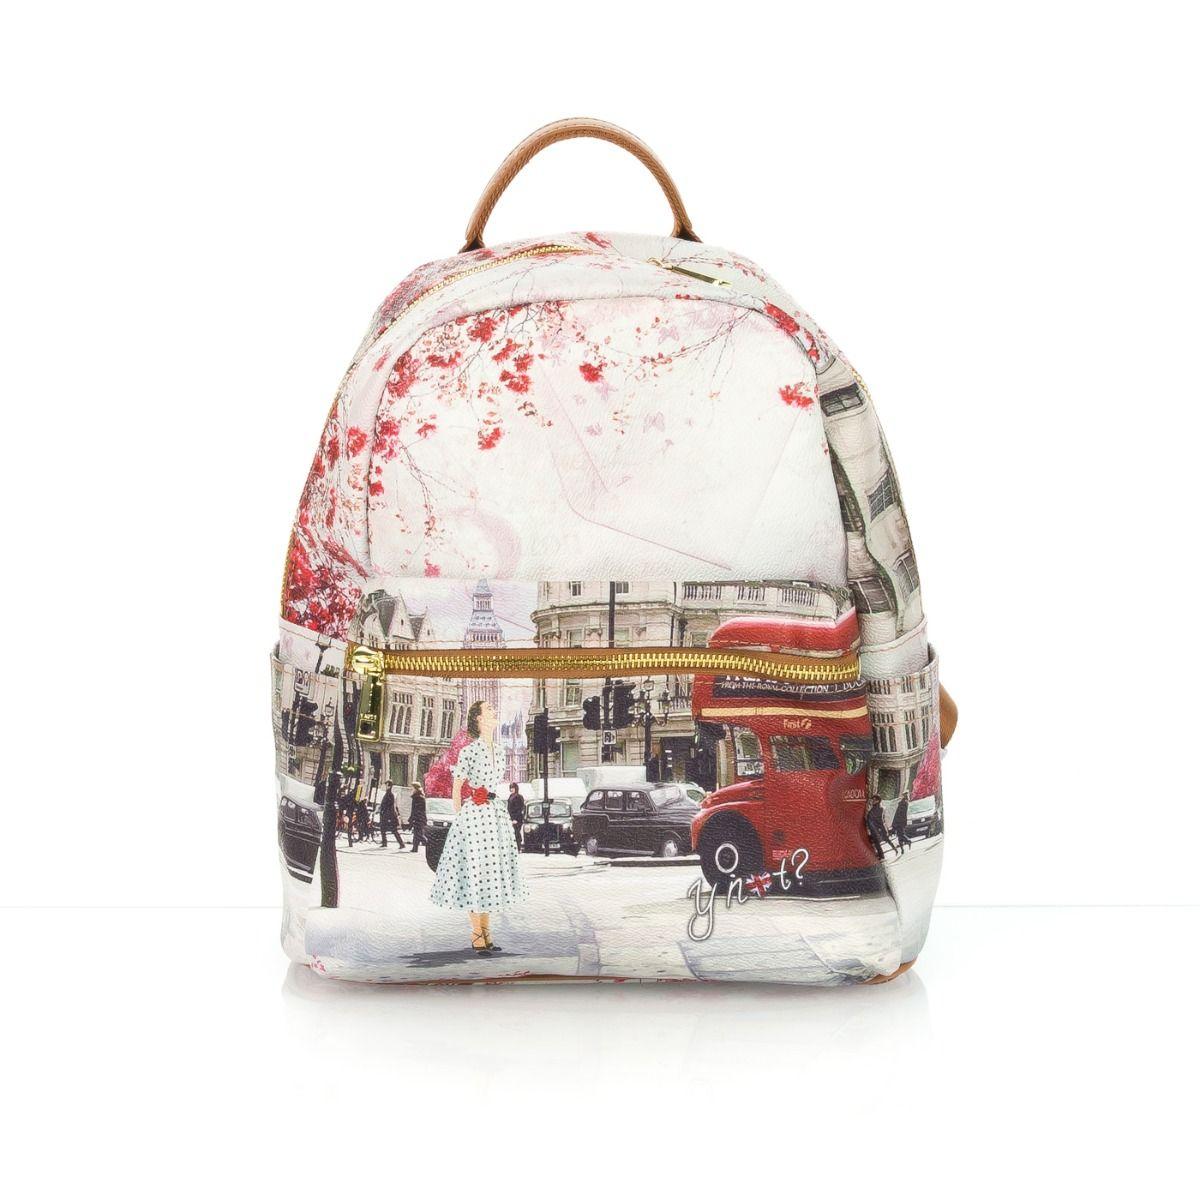 74cab23ce4 Zaino donna Y-NOT 380 LONDRA stampa cuoio  Spedizione gratuita su ordini  superiori a € 79,00 Shop online Shoe Center